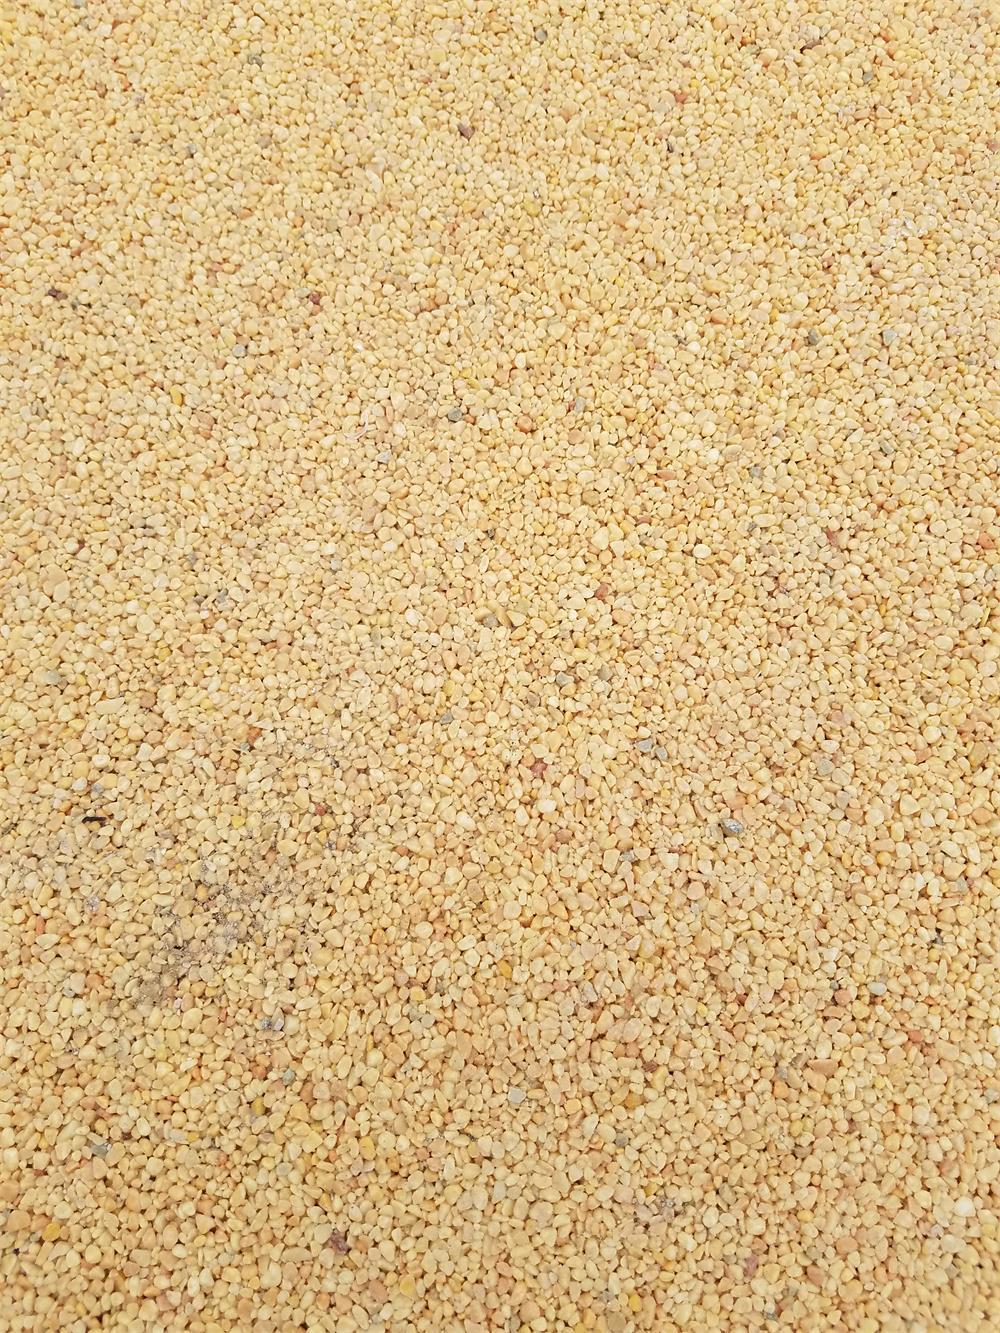 膠粘石透水混泥土地坪